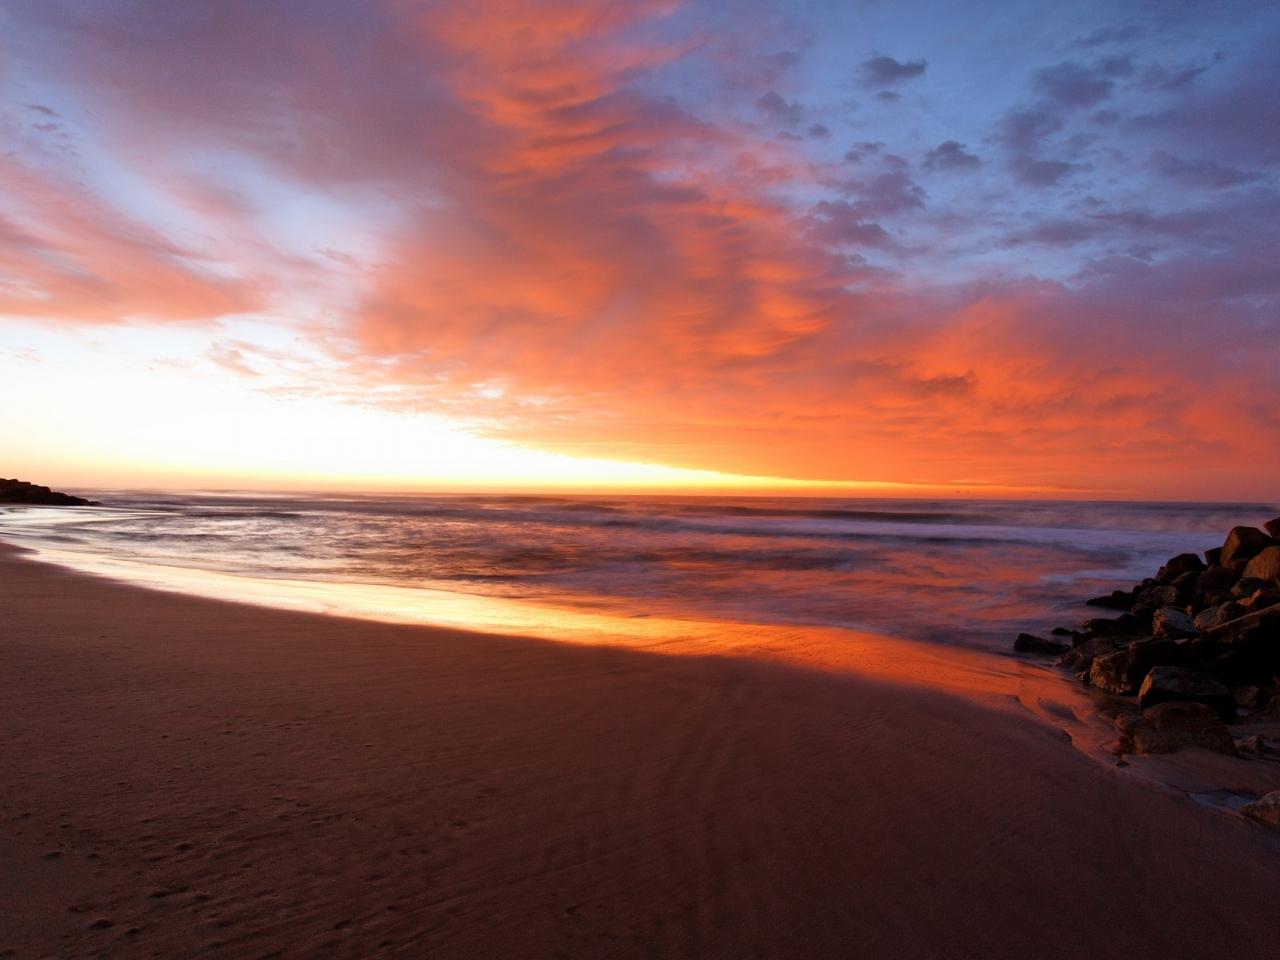 Amanecer en la playa - 1280x960